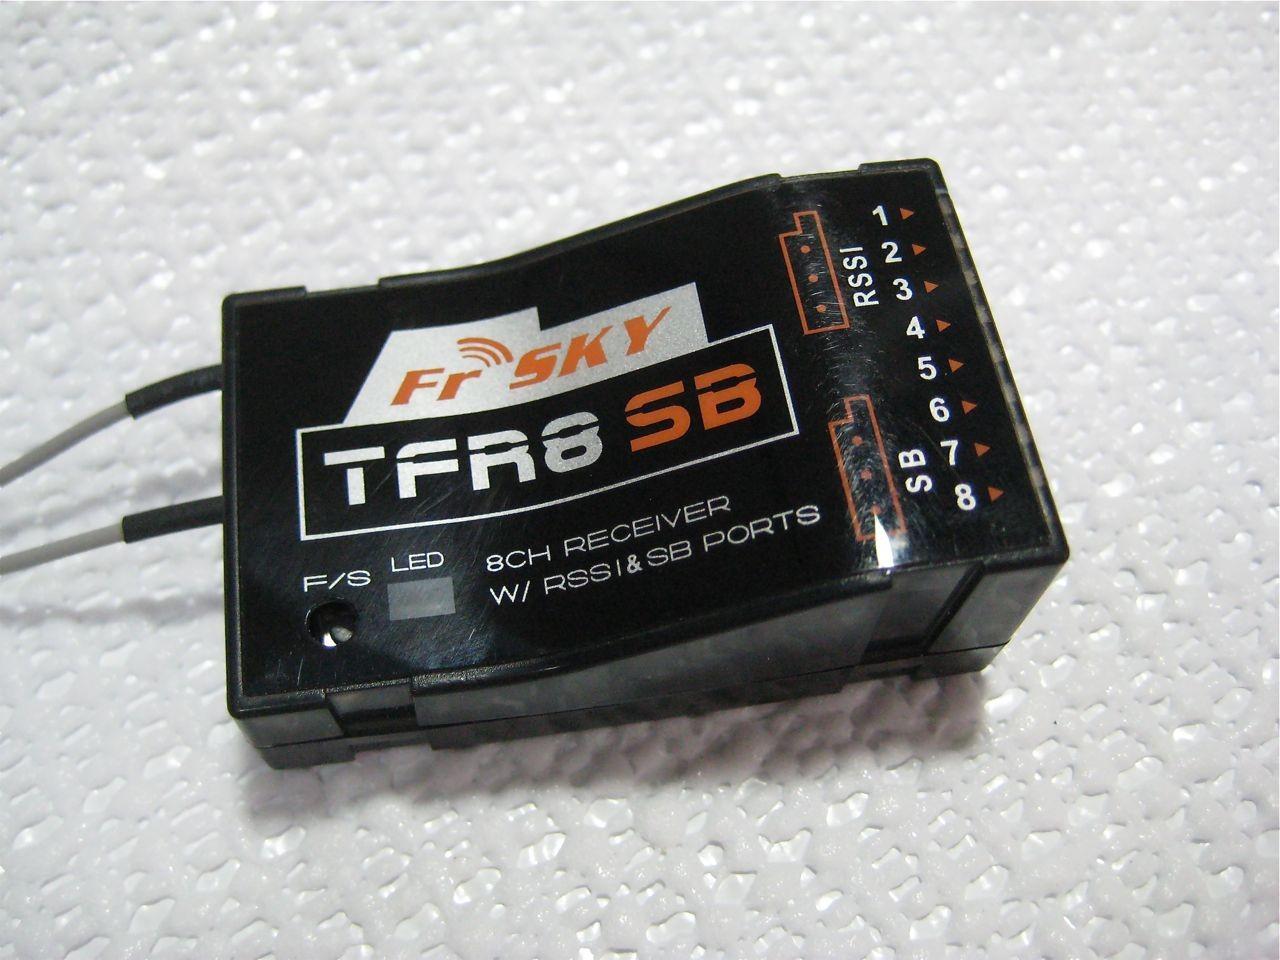 گیرنده رادیو فوتوبا TFR 8 SB -fr sky